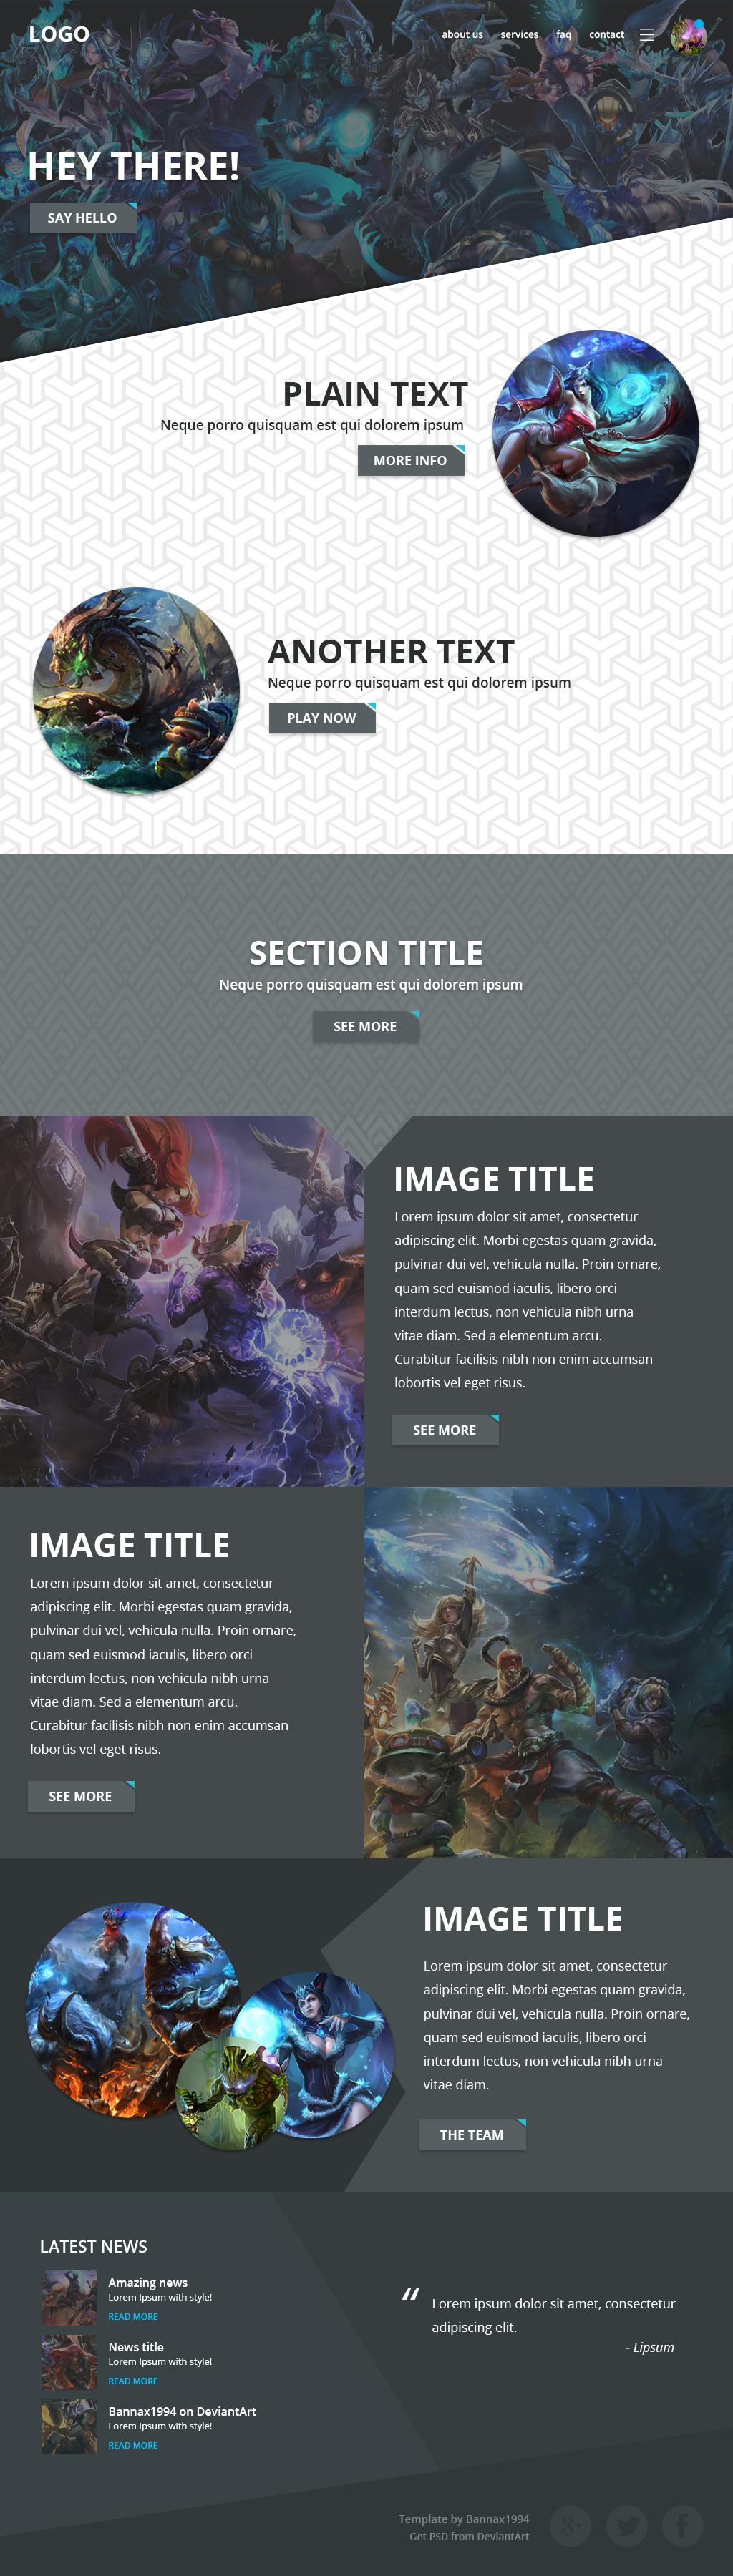 of Legends Website Template by bannax1994 on DeviantArt